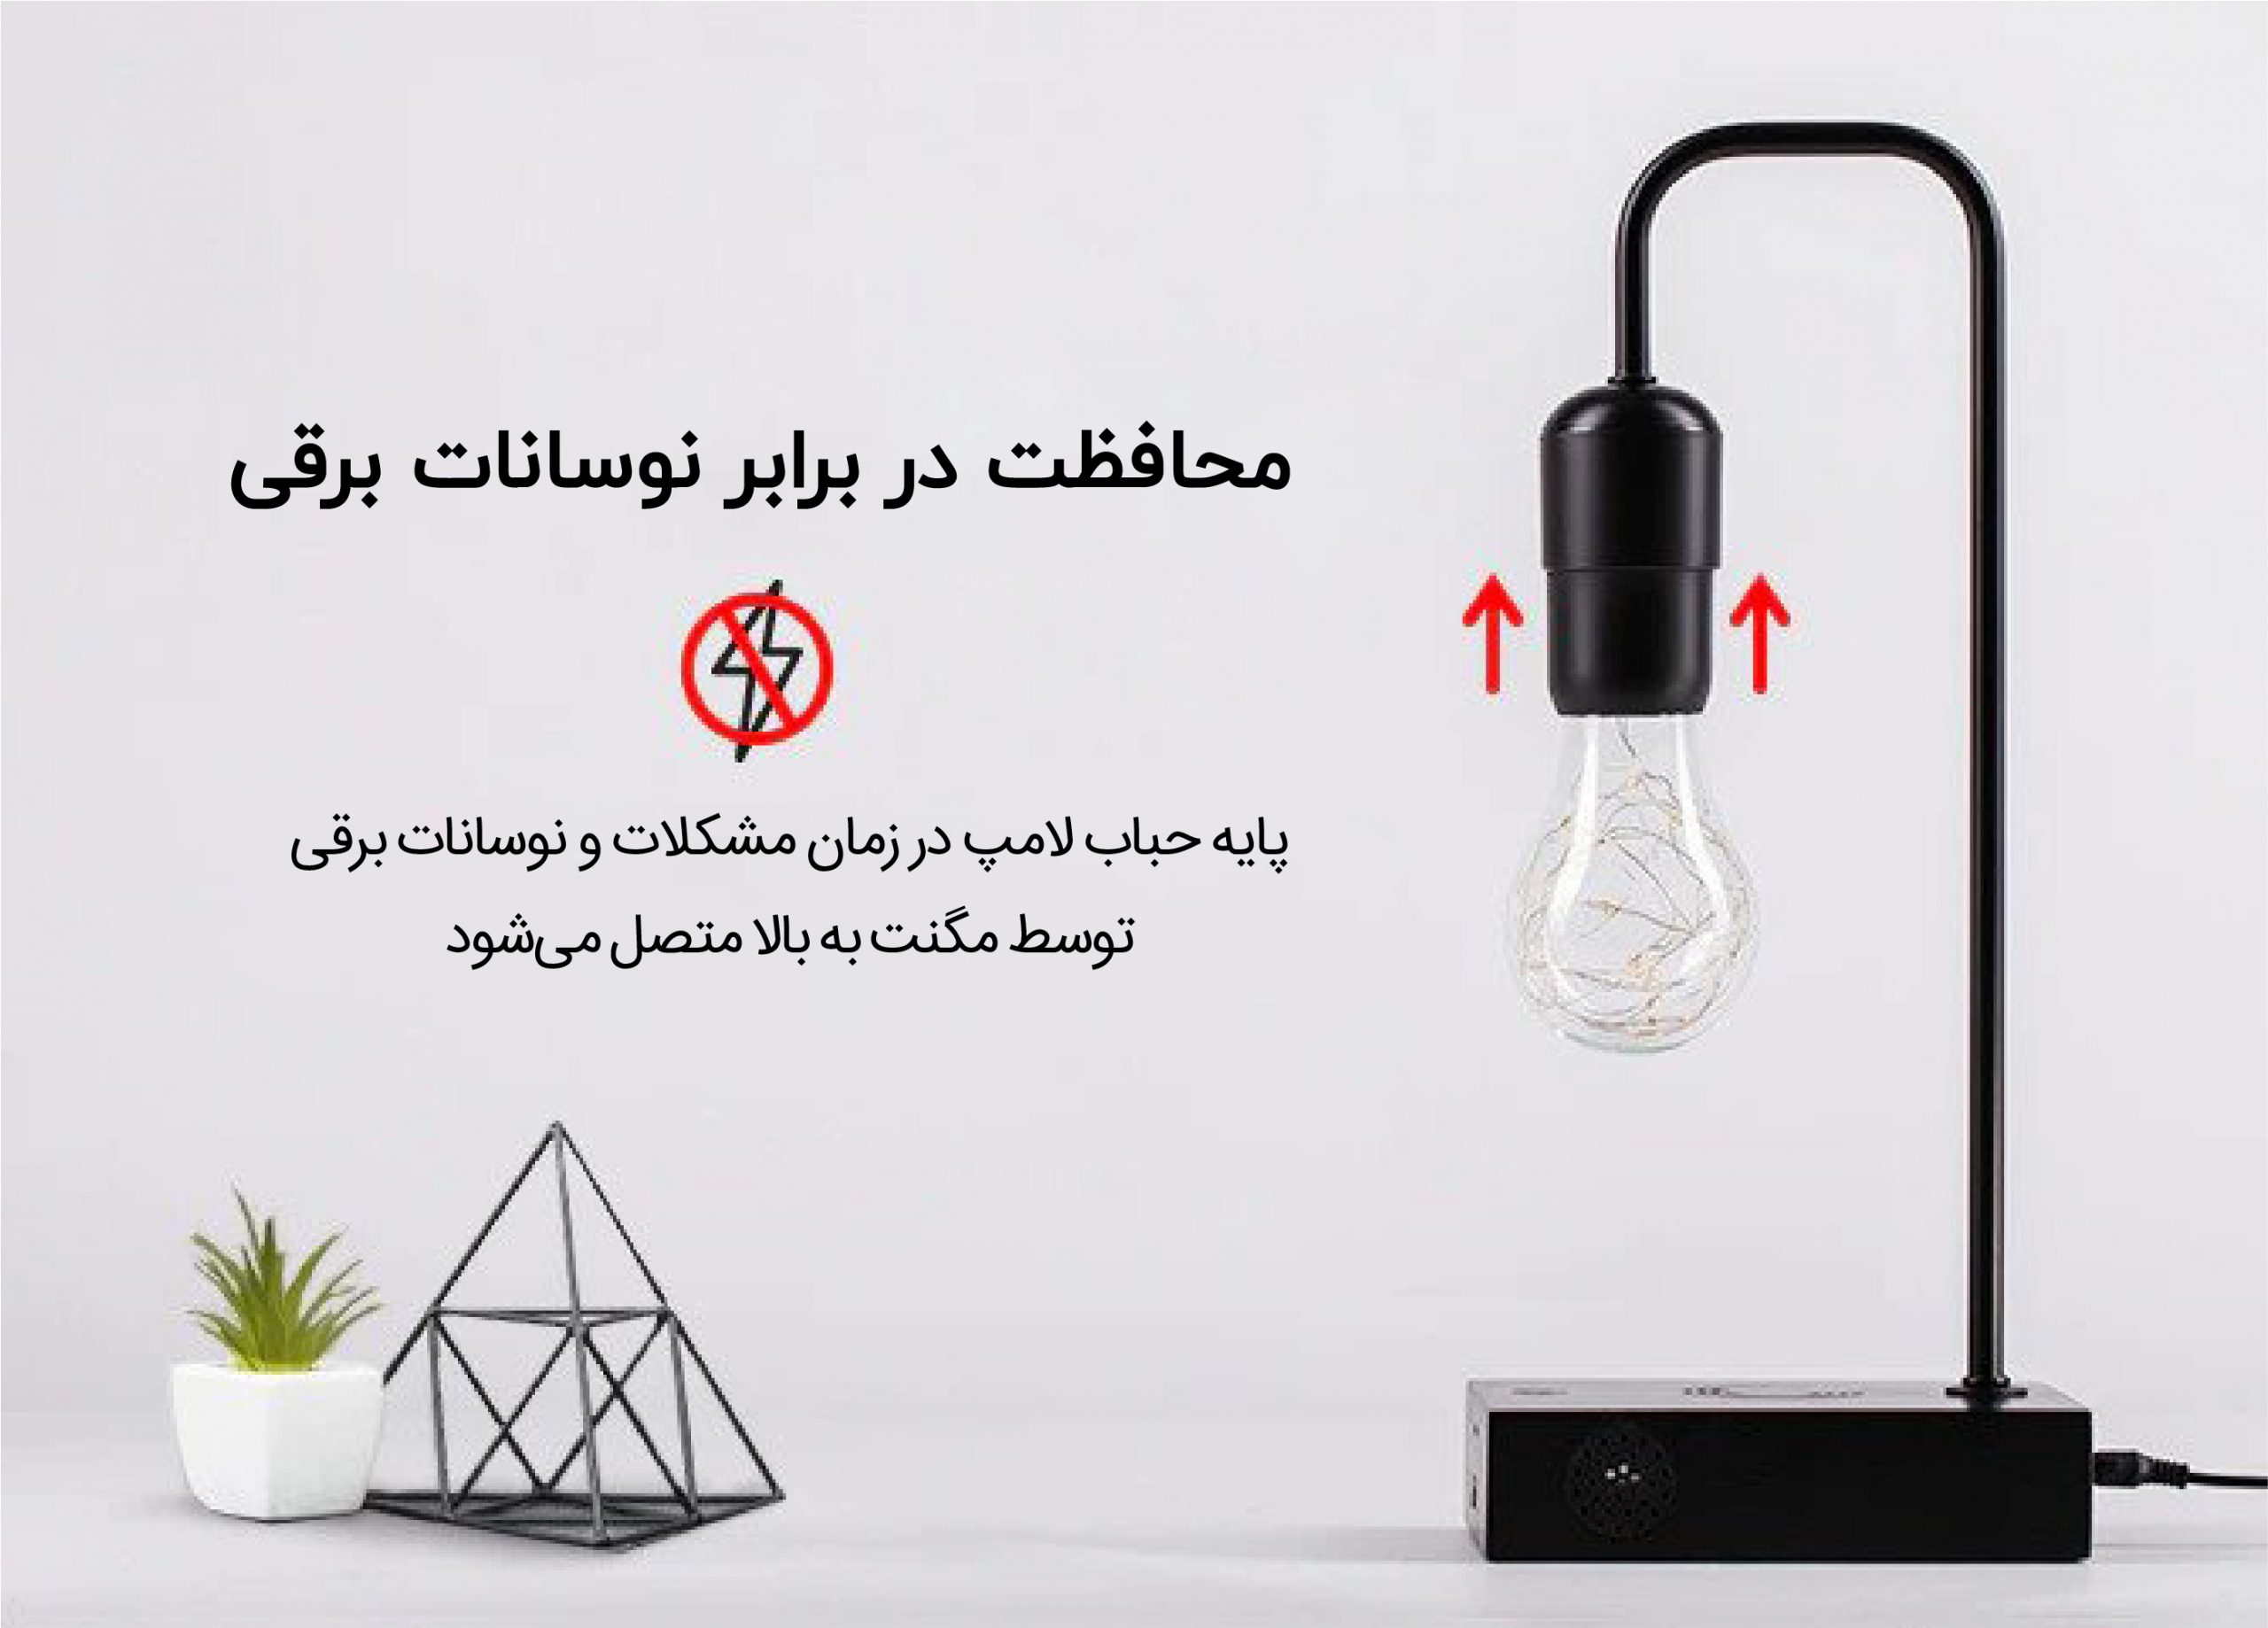 محافظت از برق لامپ گراویتا